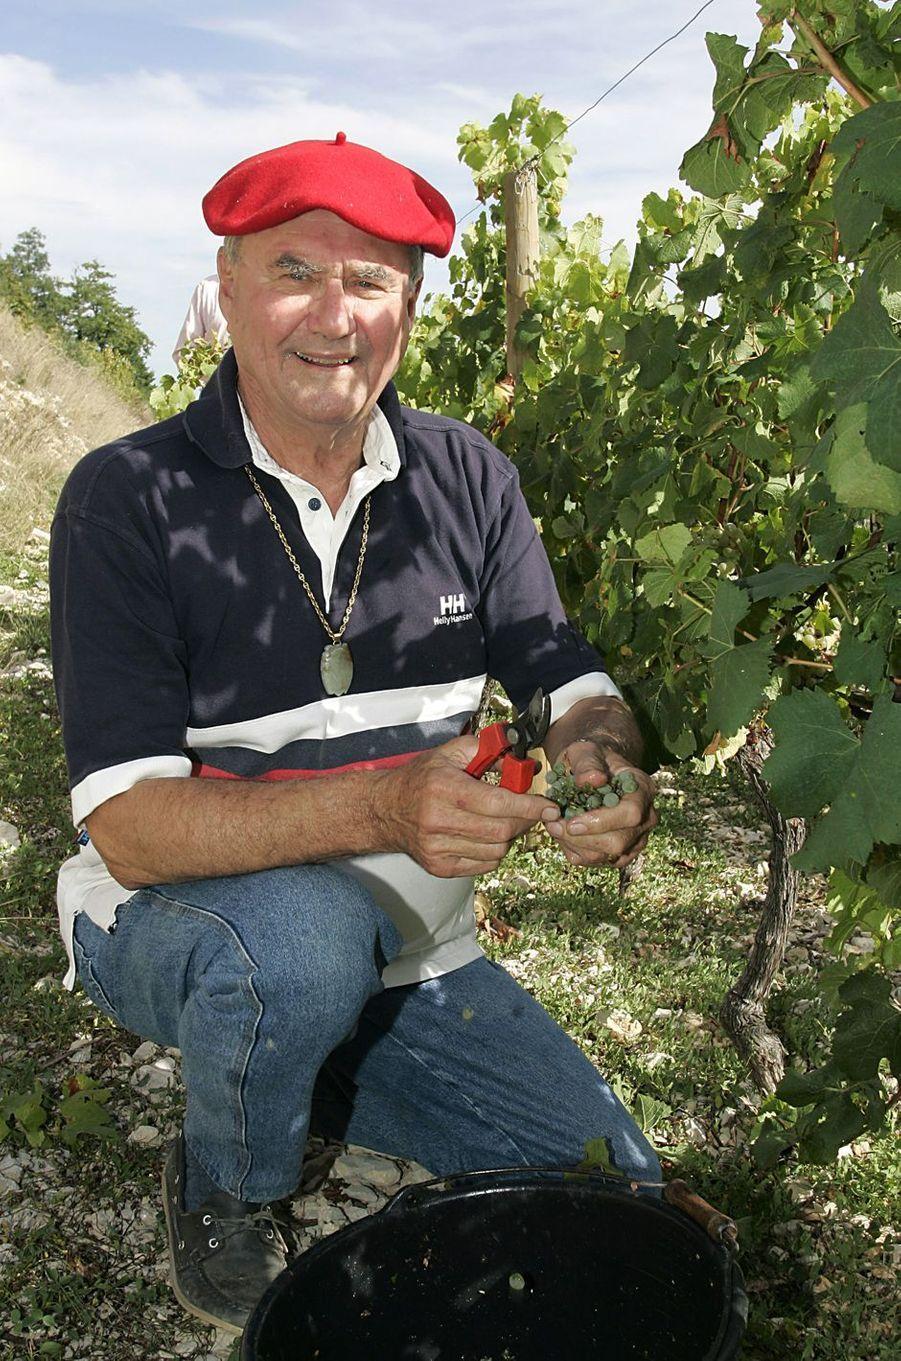 Le prince Henrik de Danemark dans son domaine viticole du château de Cayx, le 29 septembre 2004